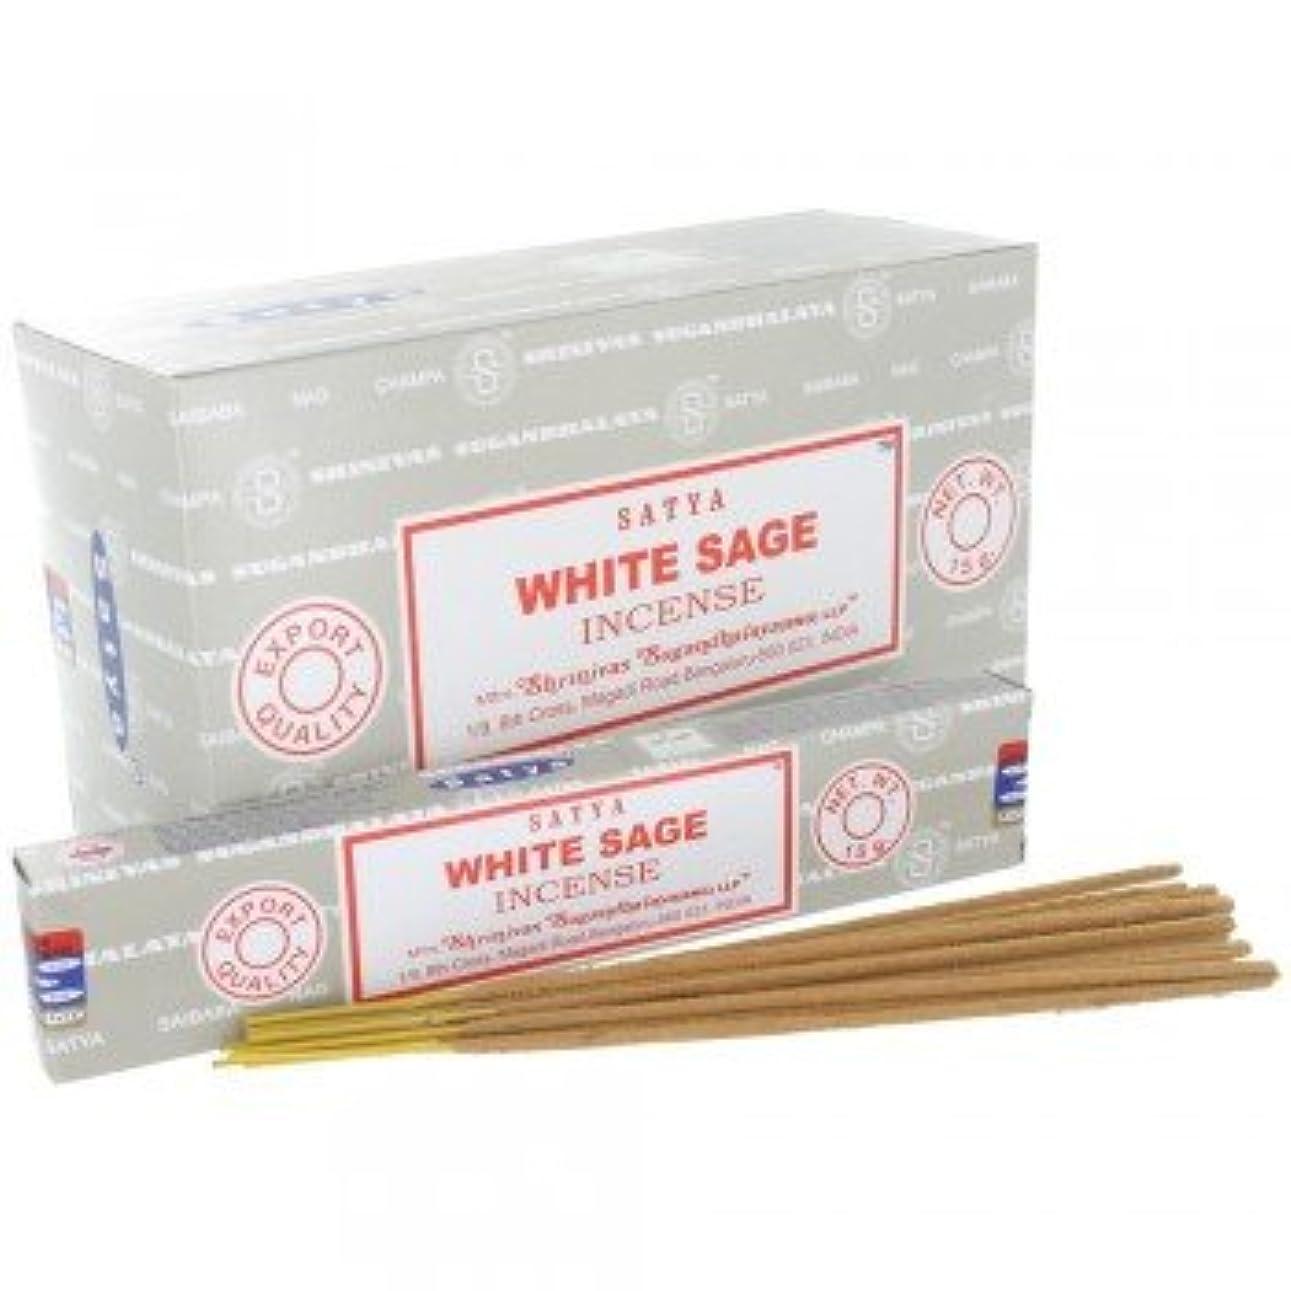 矩形シットコム急いでSATYA WHITE SAGE ホワイトセージ 聖なる樹 浄化 お香 スティック 約15g入 (1個) [並行輸入品]